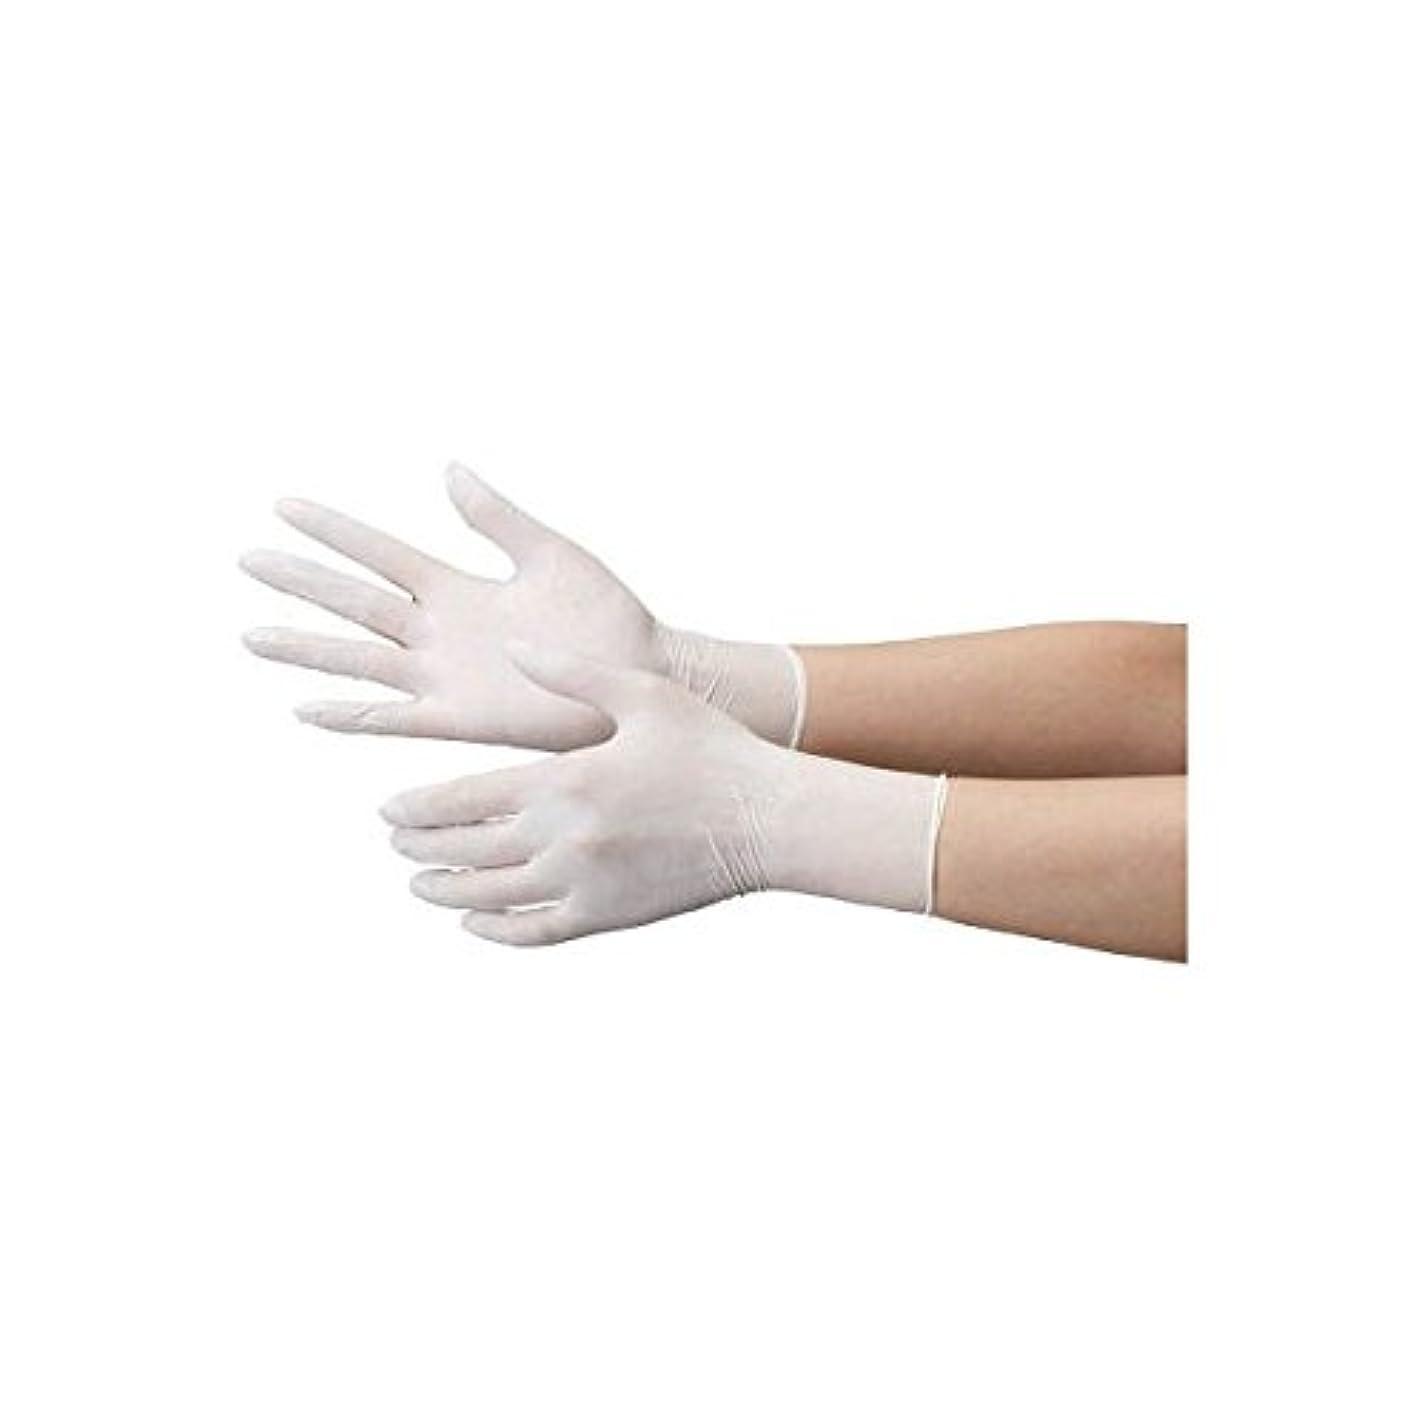 スキップコンピューターを使用するカウントアップミドリ安全/ミドリ安全 ニトリル使い捨て手袋 極薄 粉なし 100枚入 白 S(3889092) VERTE-711-S [その他]